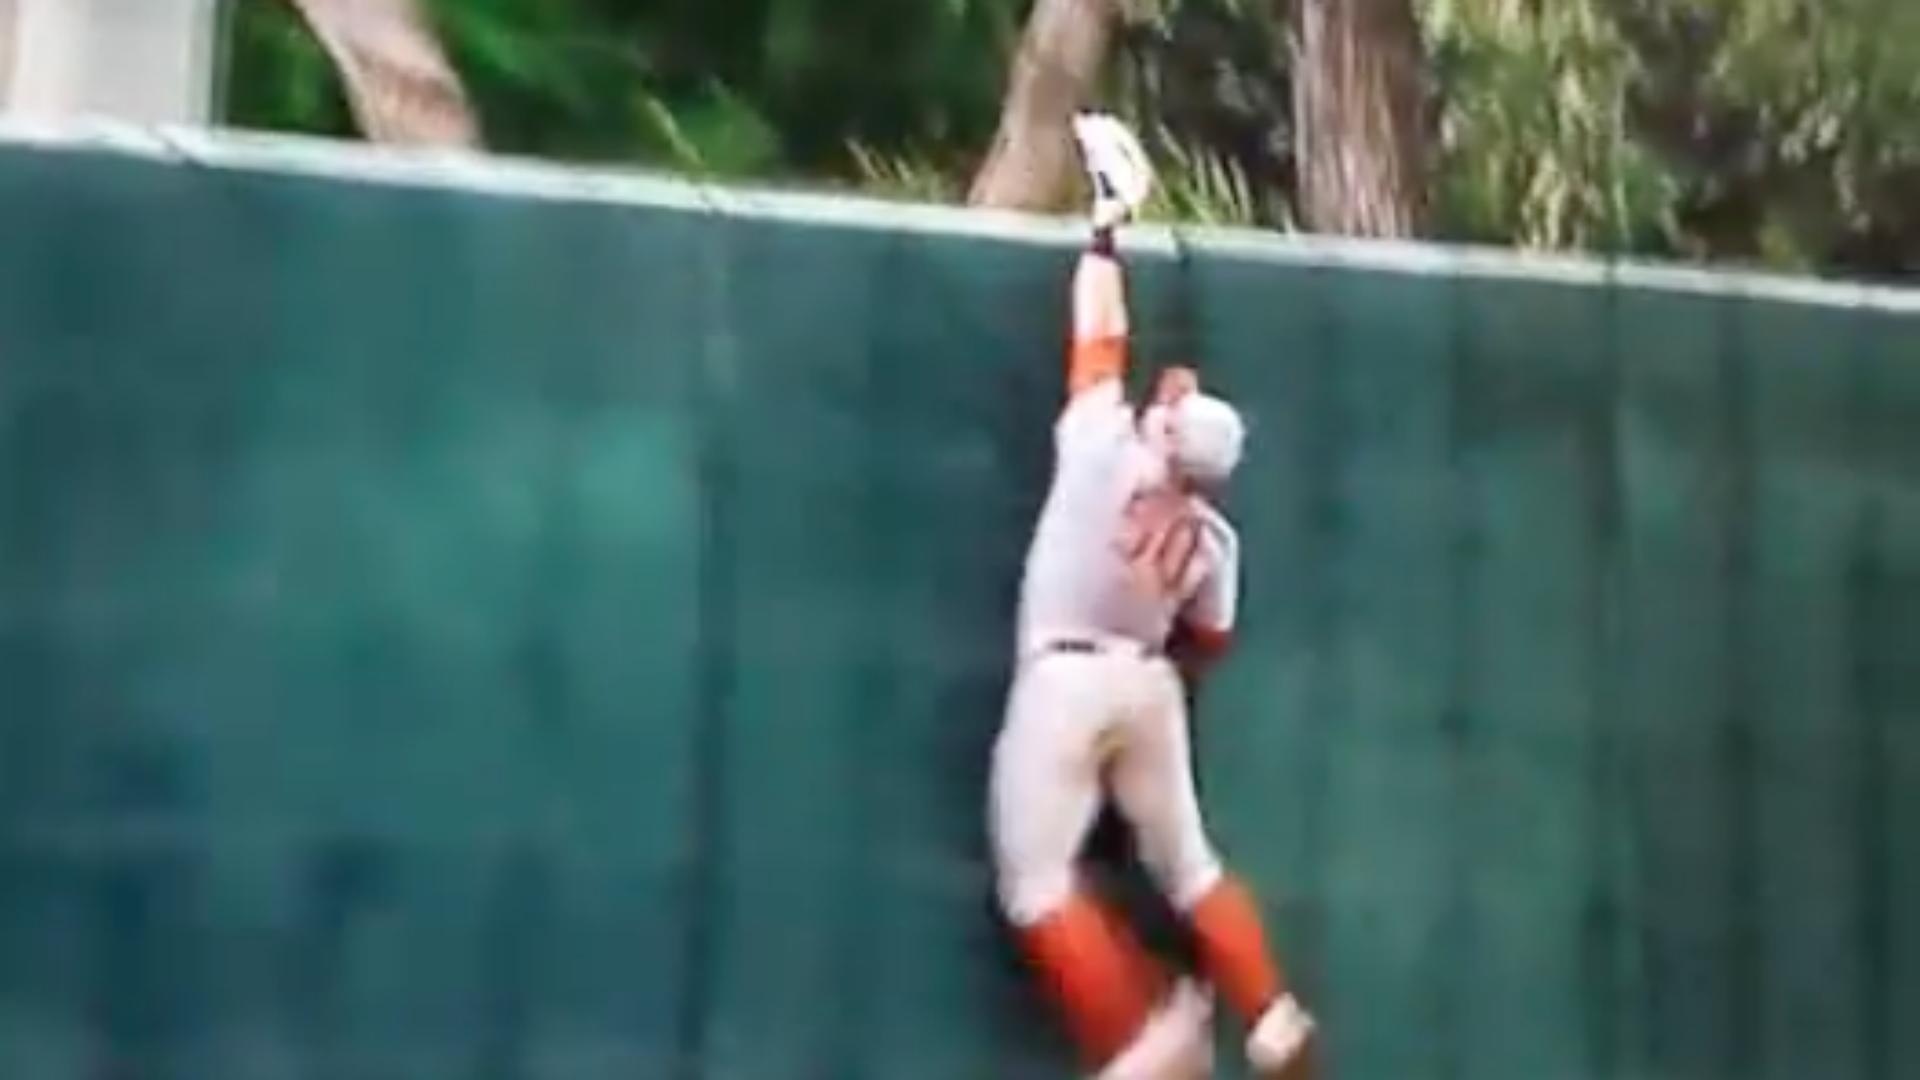 Watch Texas center fielder make crazy College World Series catch